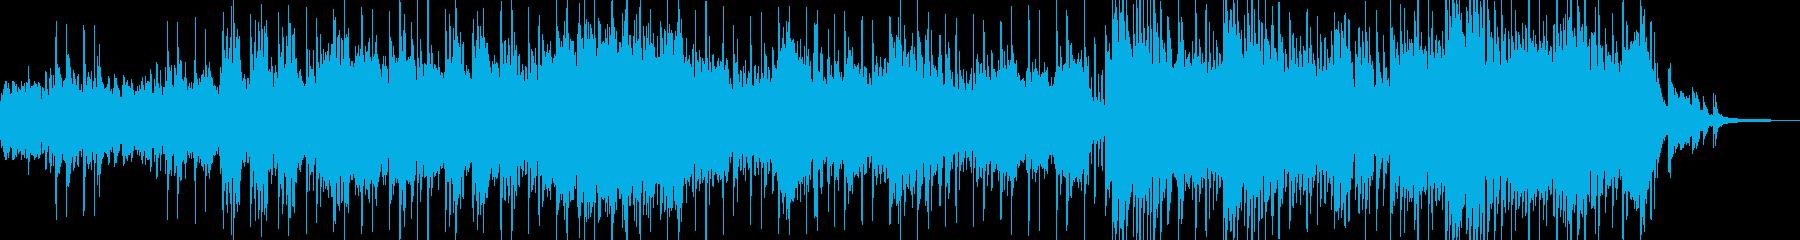 異世界・故人を想う雰囲気 ドラム有 短尺の再生済みの波形